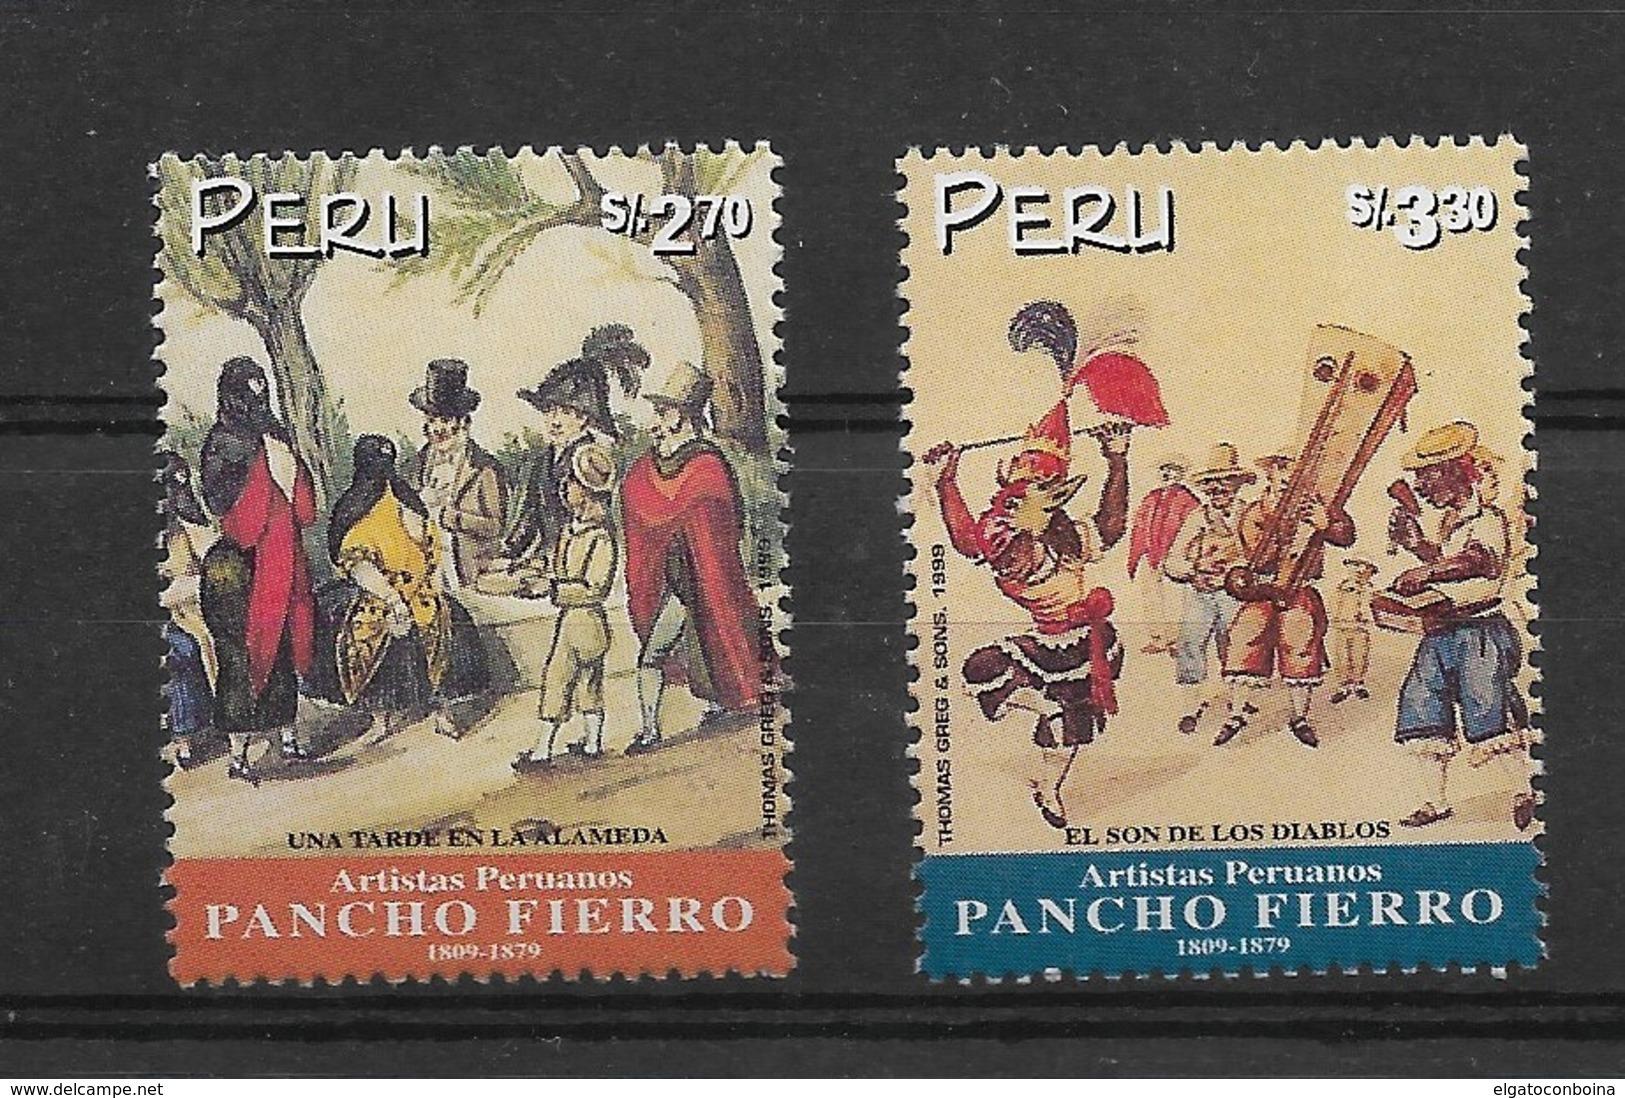 Peru 1999, PERUVIAN ARTISTS, PANCHO FIERRO PAINTINGS 2 VALUES MNH SCOTT 1205-6 MICHEL 1663-4 - Peru